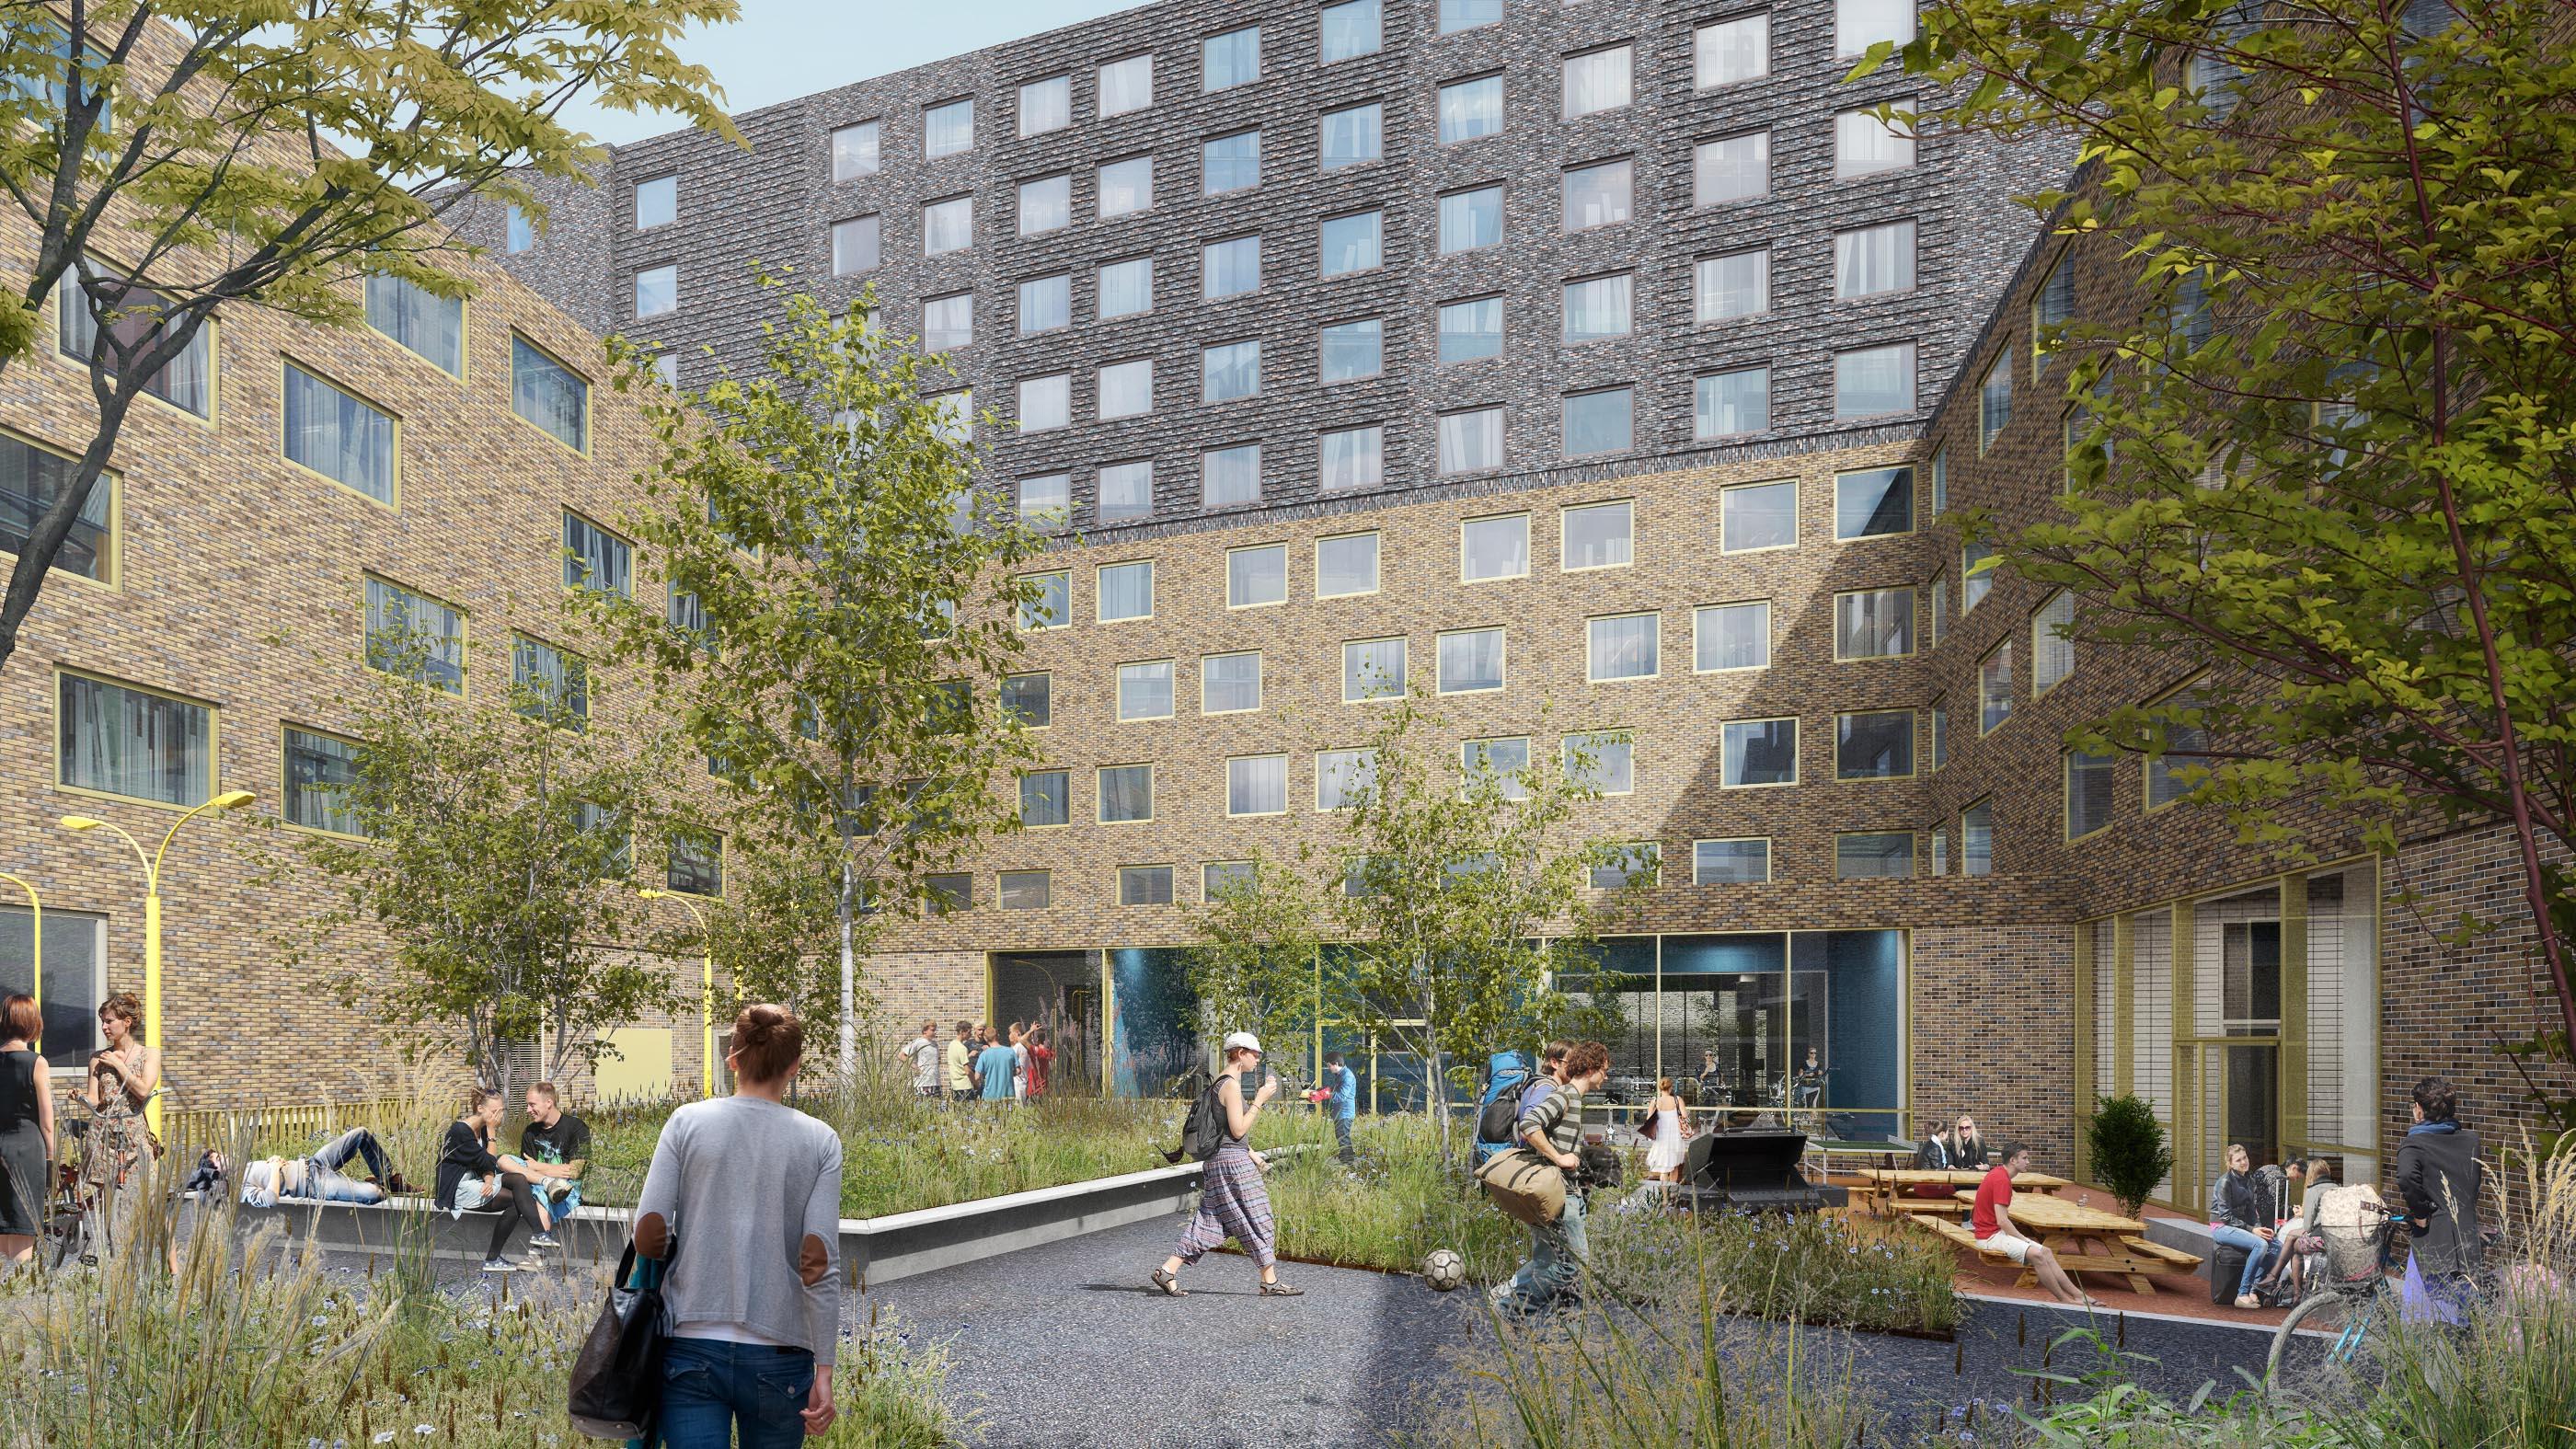 Binnengebied Studentenhotel Boterdiep groningen_Beton Centrale Groningen